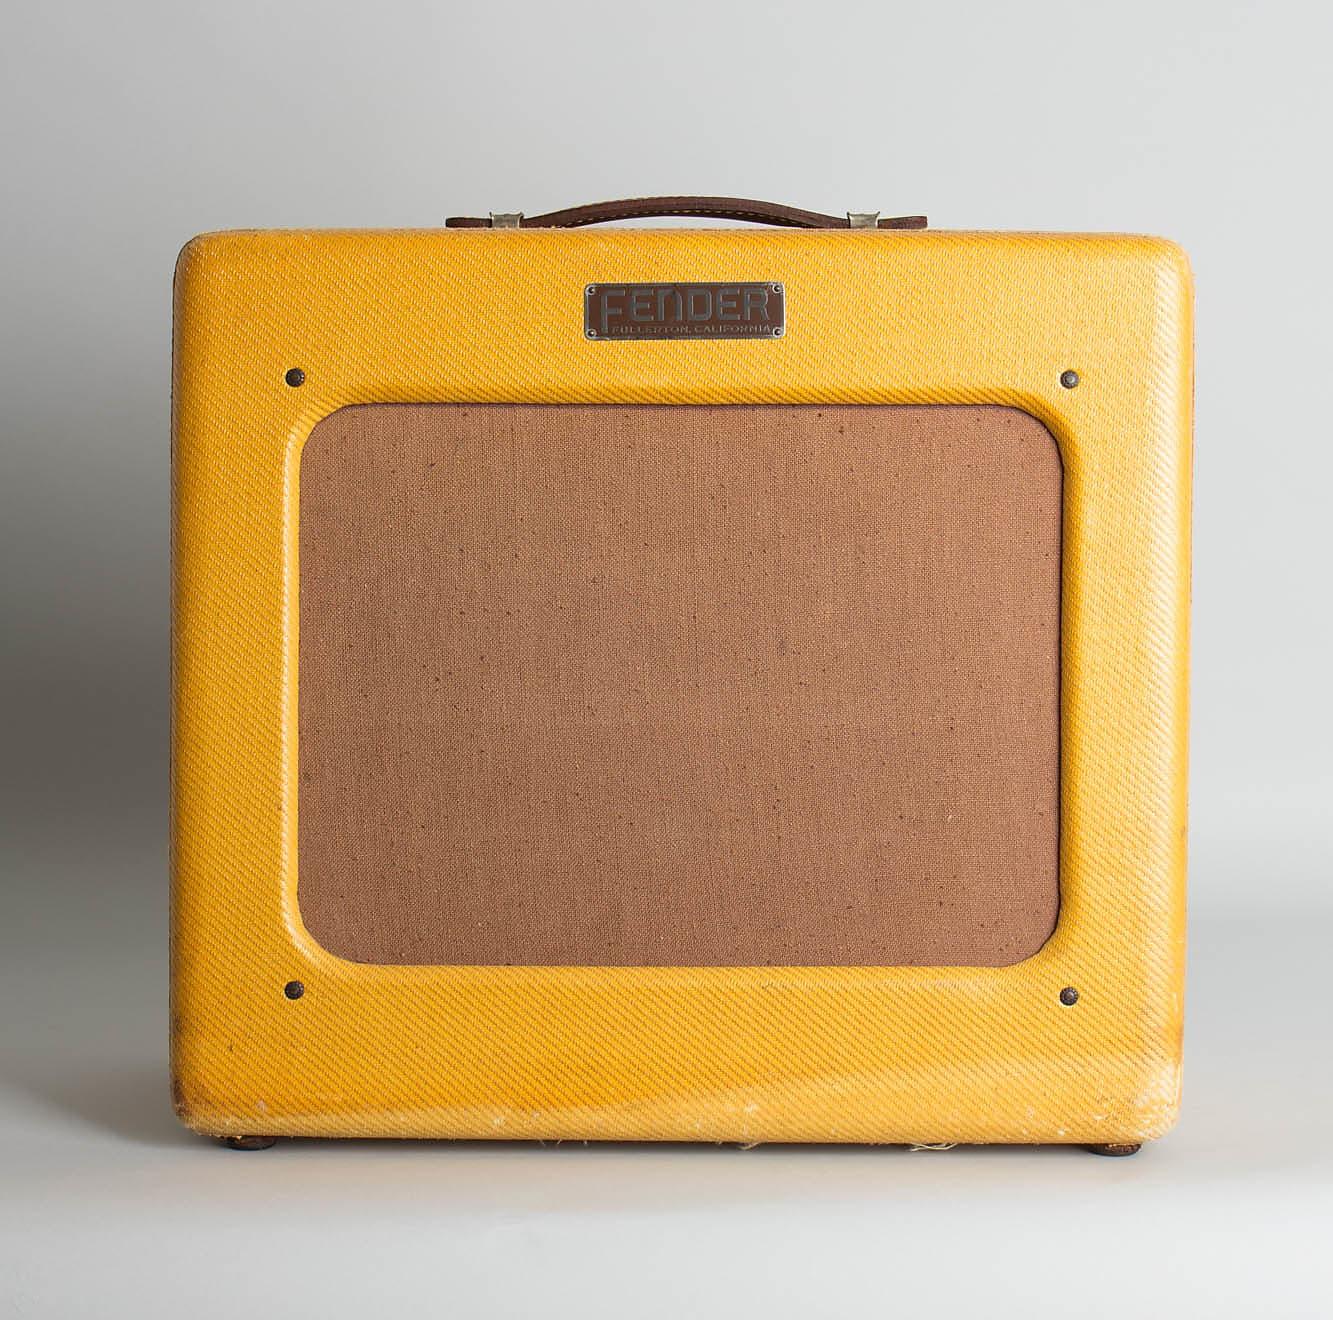 Fender  Deluxe Tube Amplifier (1950), ser. #2305.